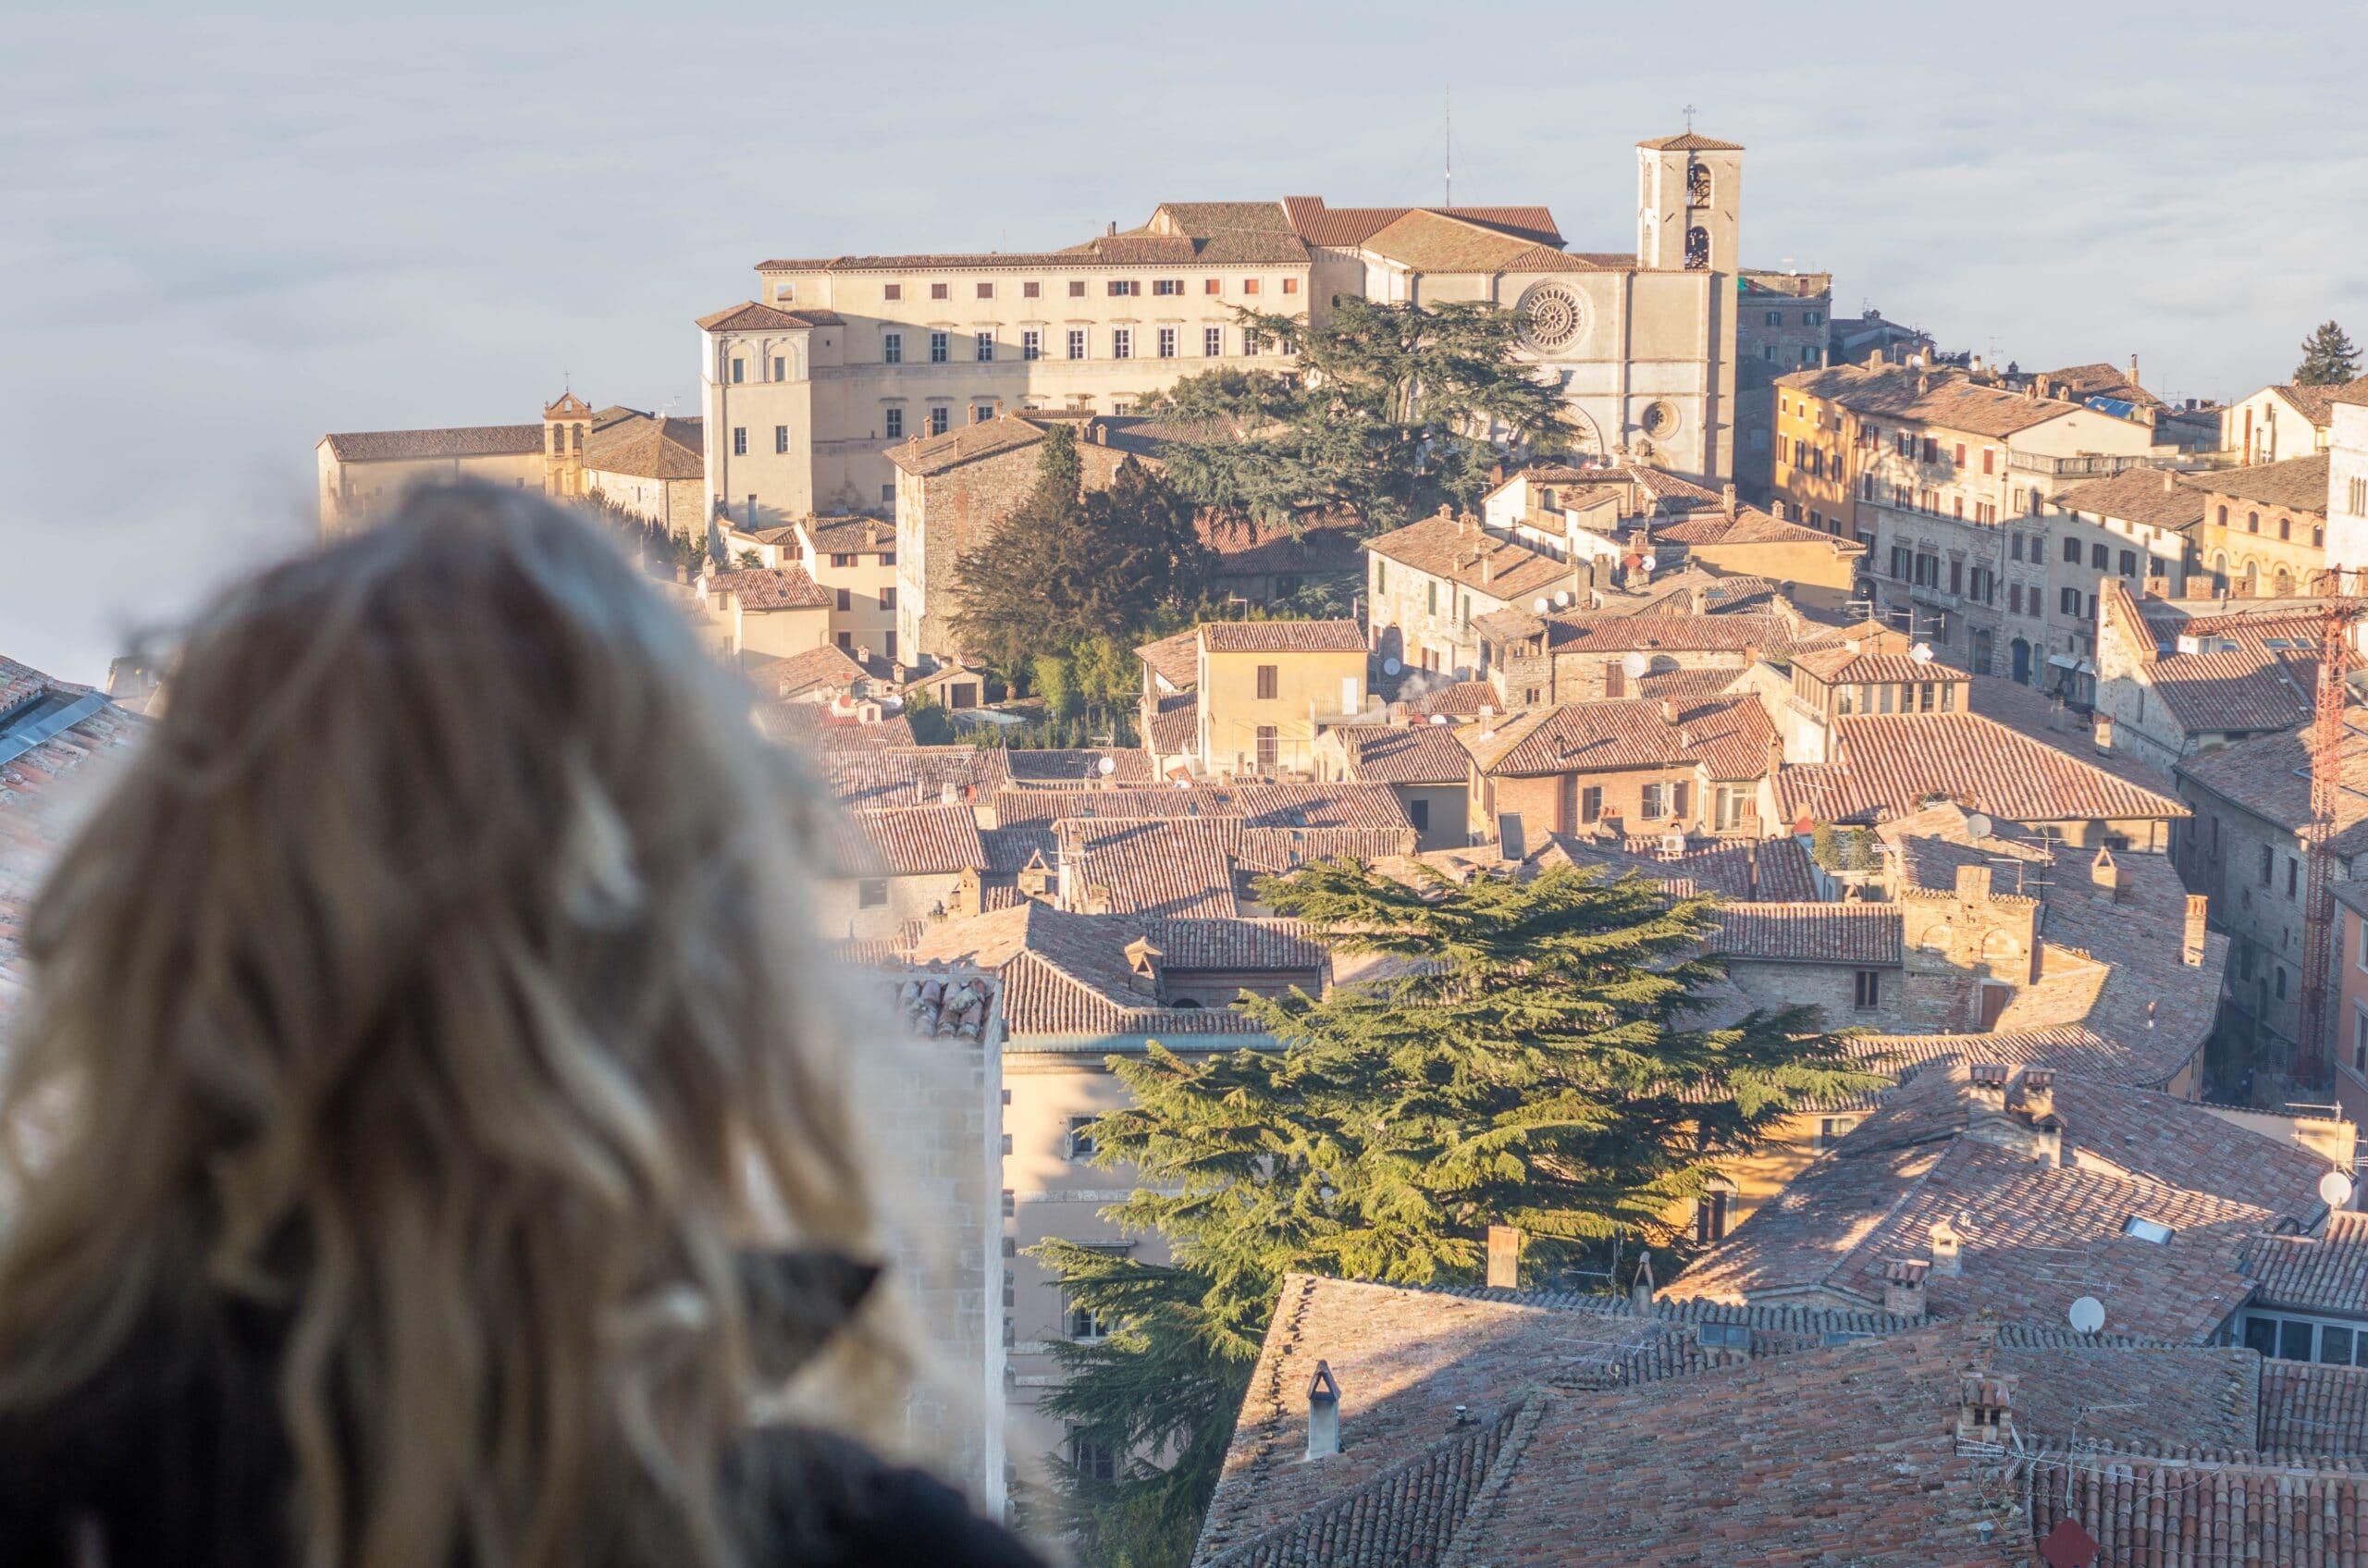 View from Campanile di San Fortunato in Todi